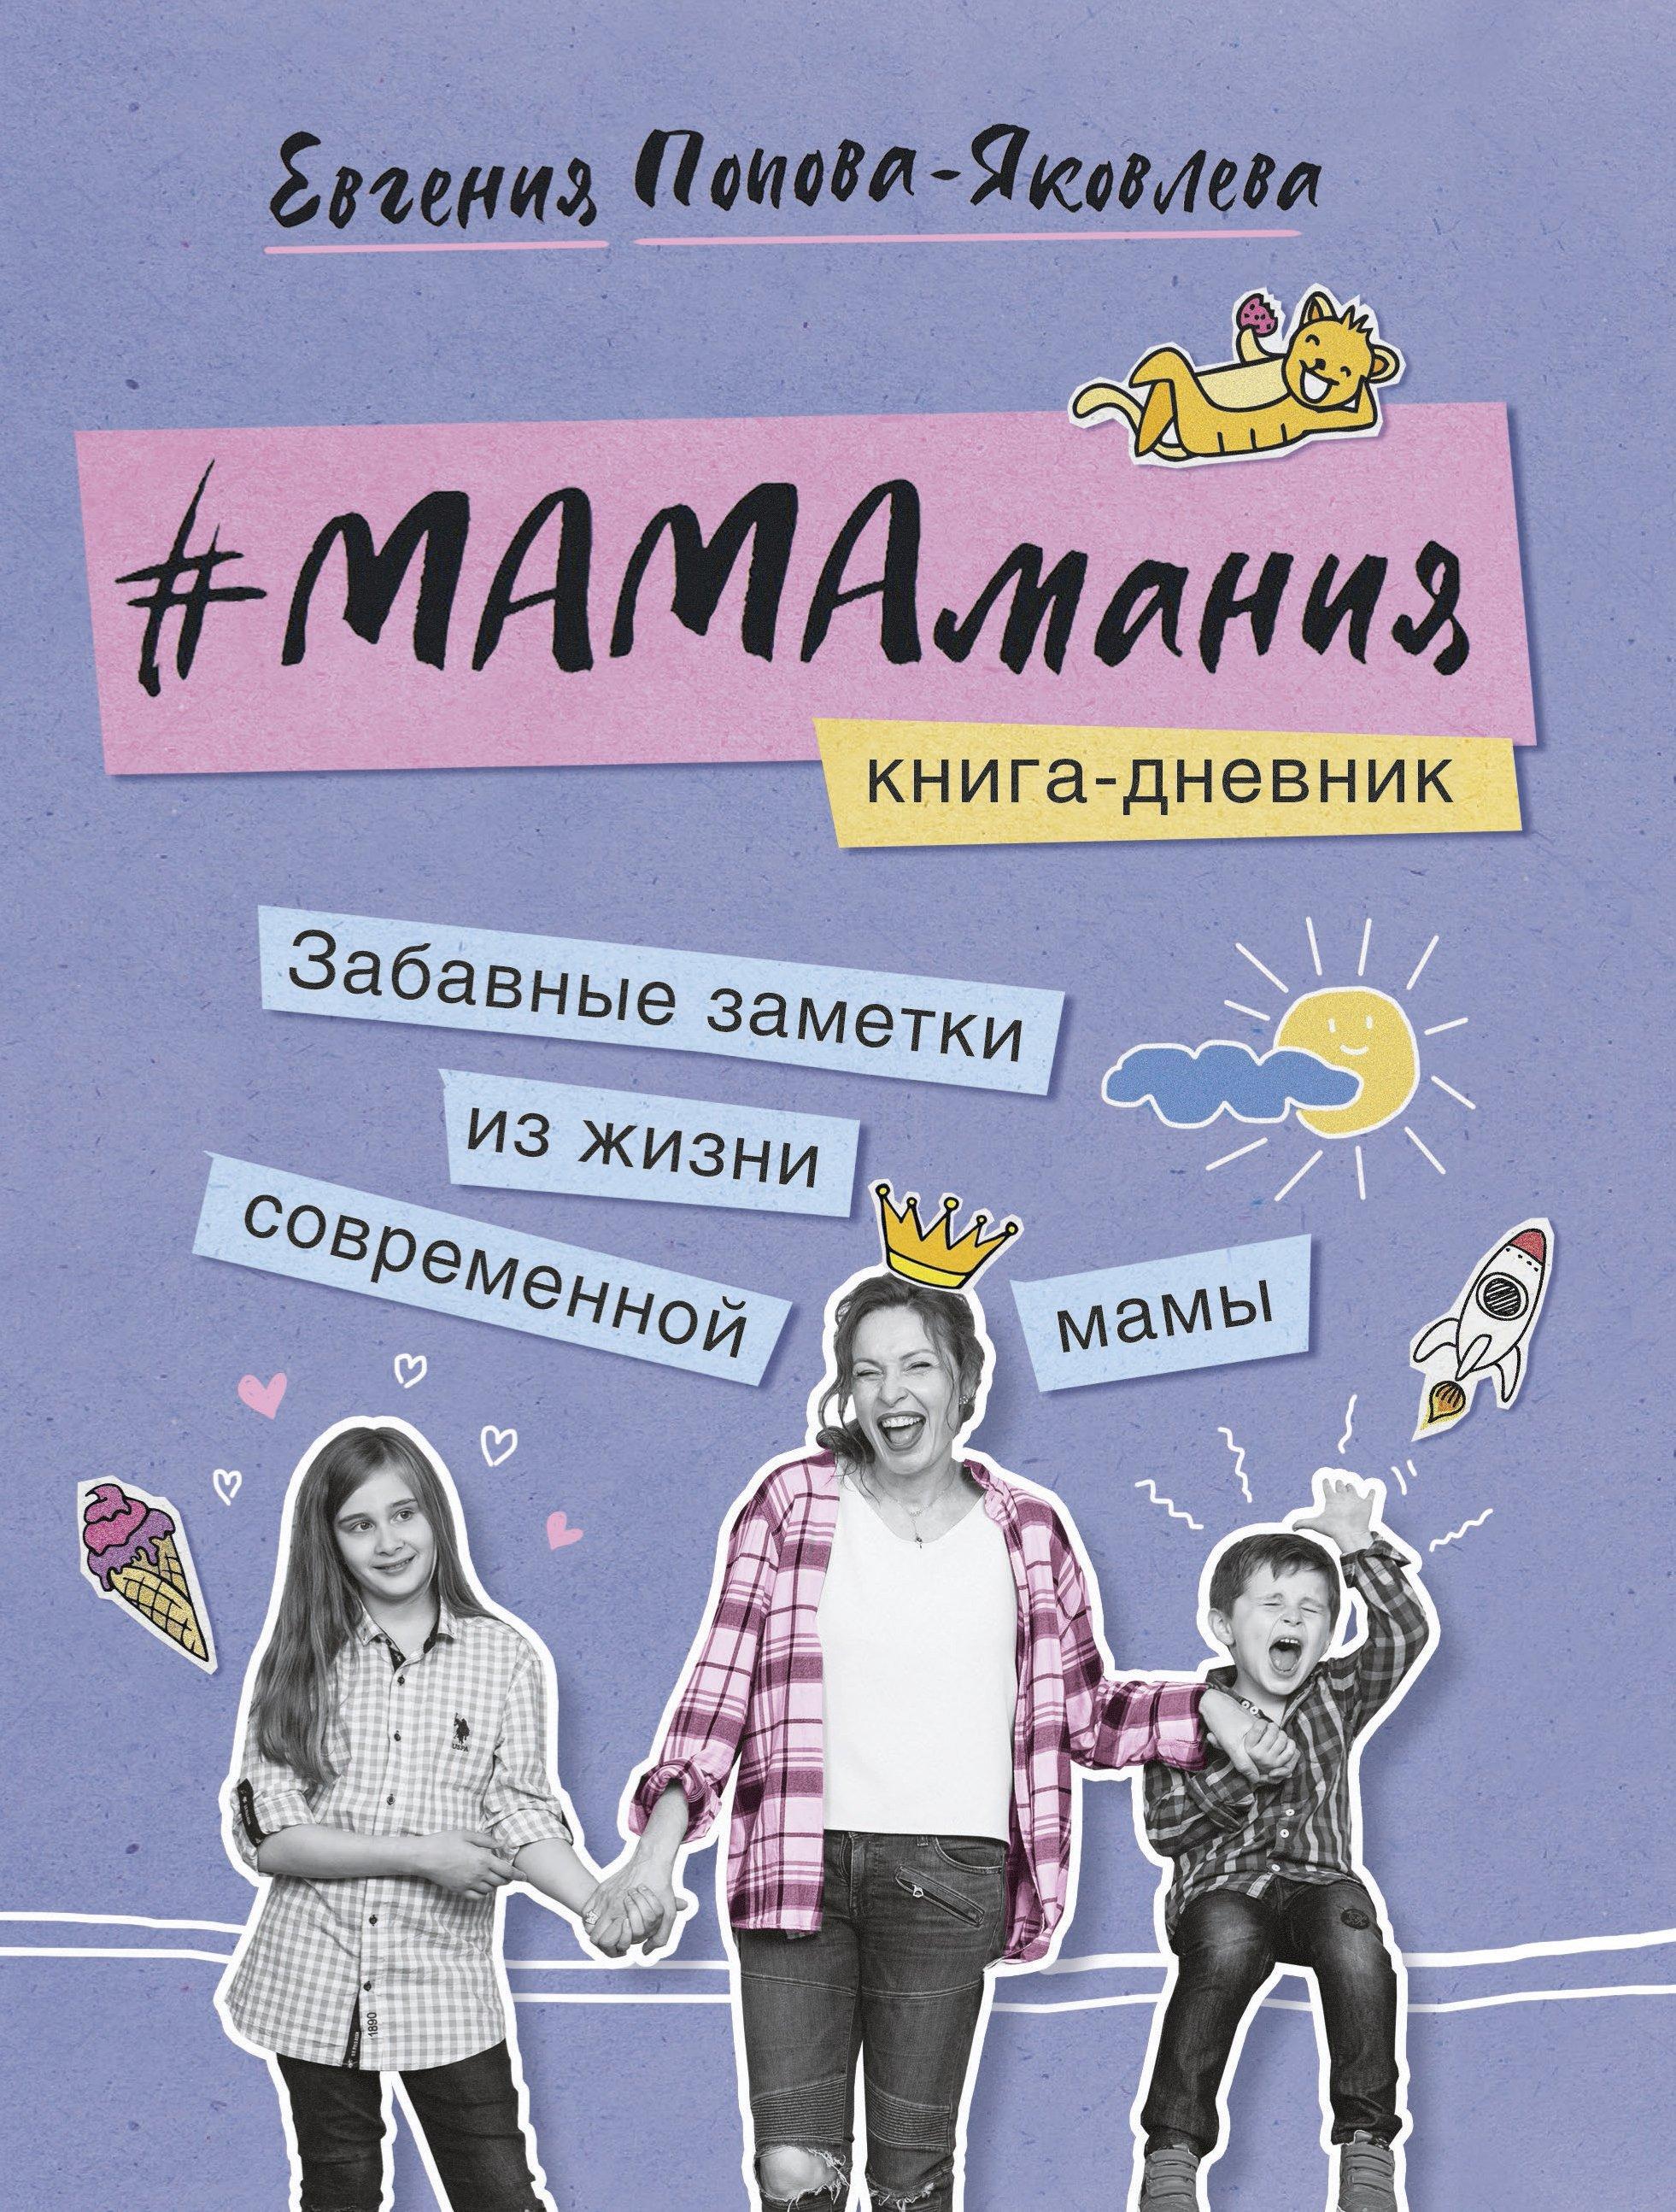 цены Евгения Попова-Яковлева #МАМАмания. Забавные заметки из жизни современной мамы. Книга-дневник